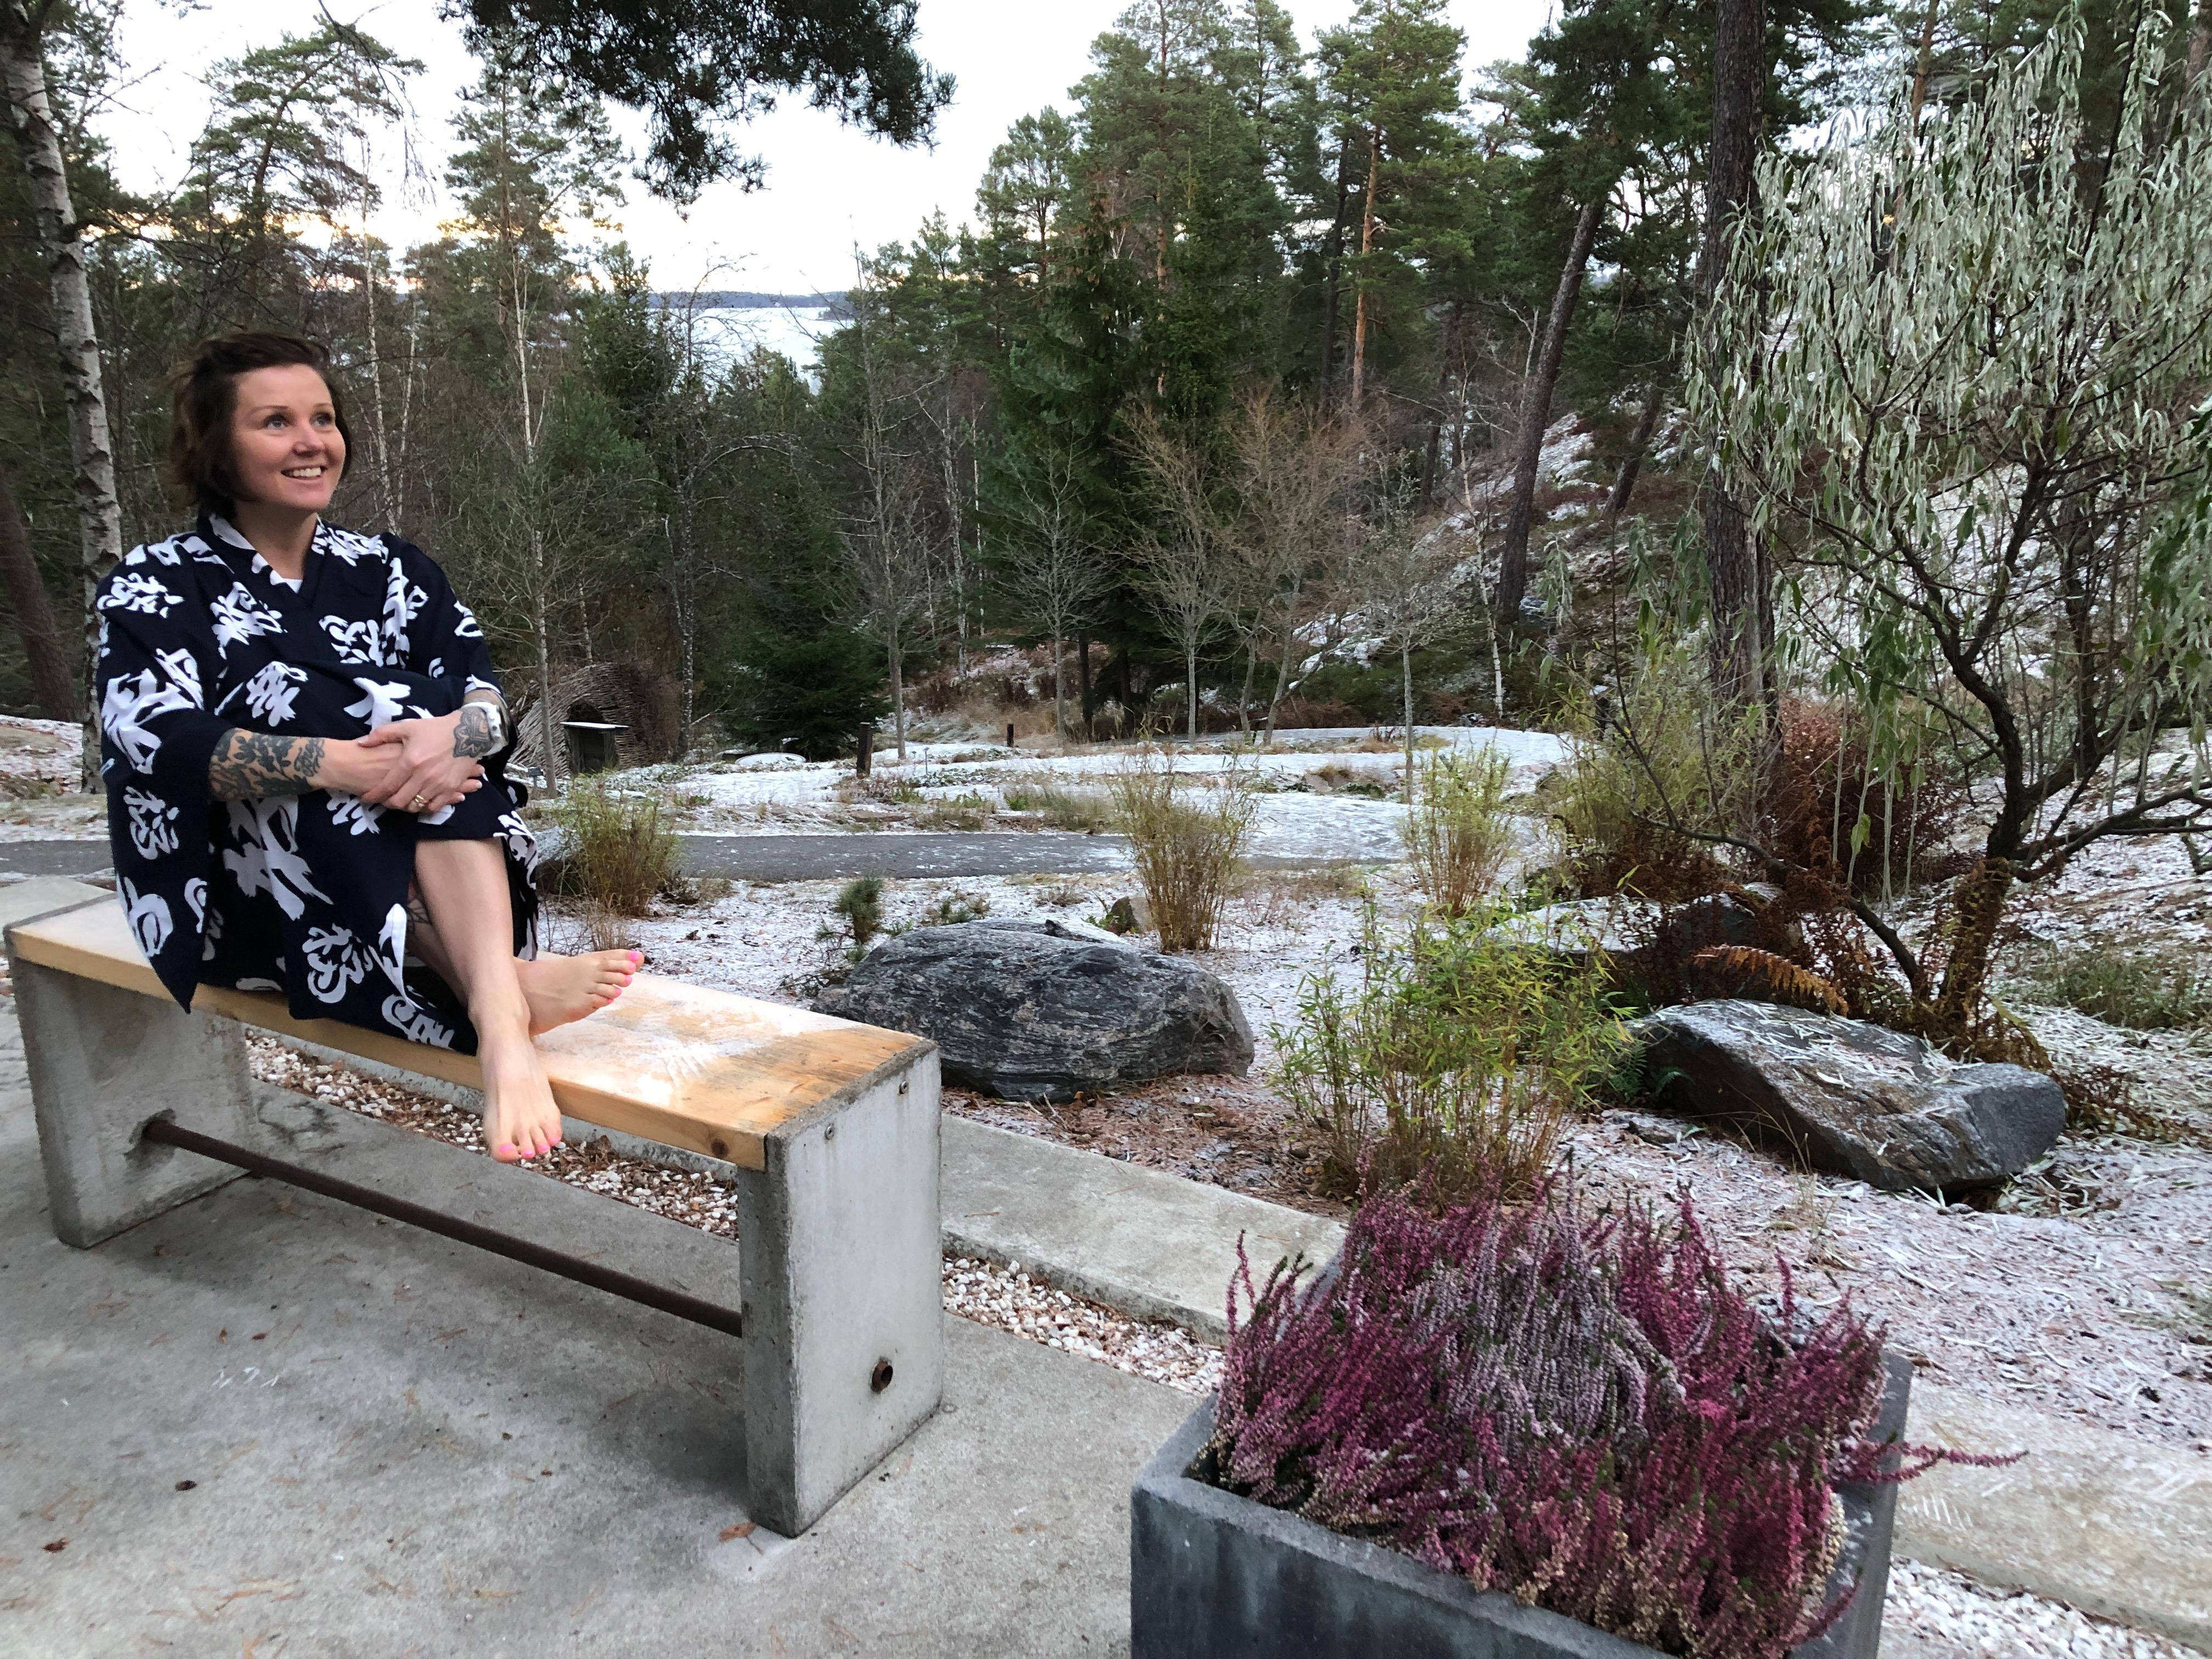 Japanilainen kylpylä Yasuragi Tukholman saaristossa